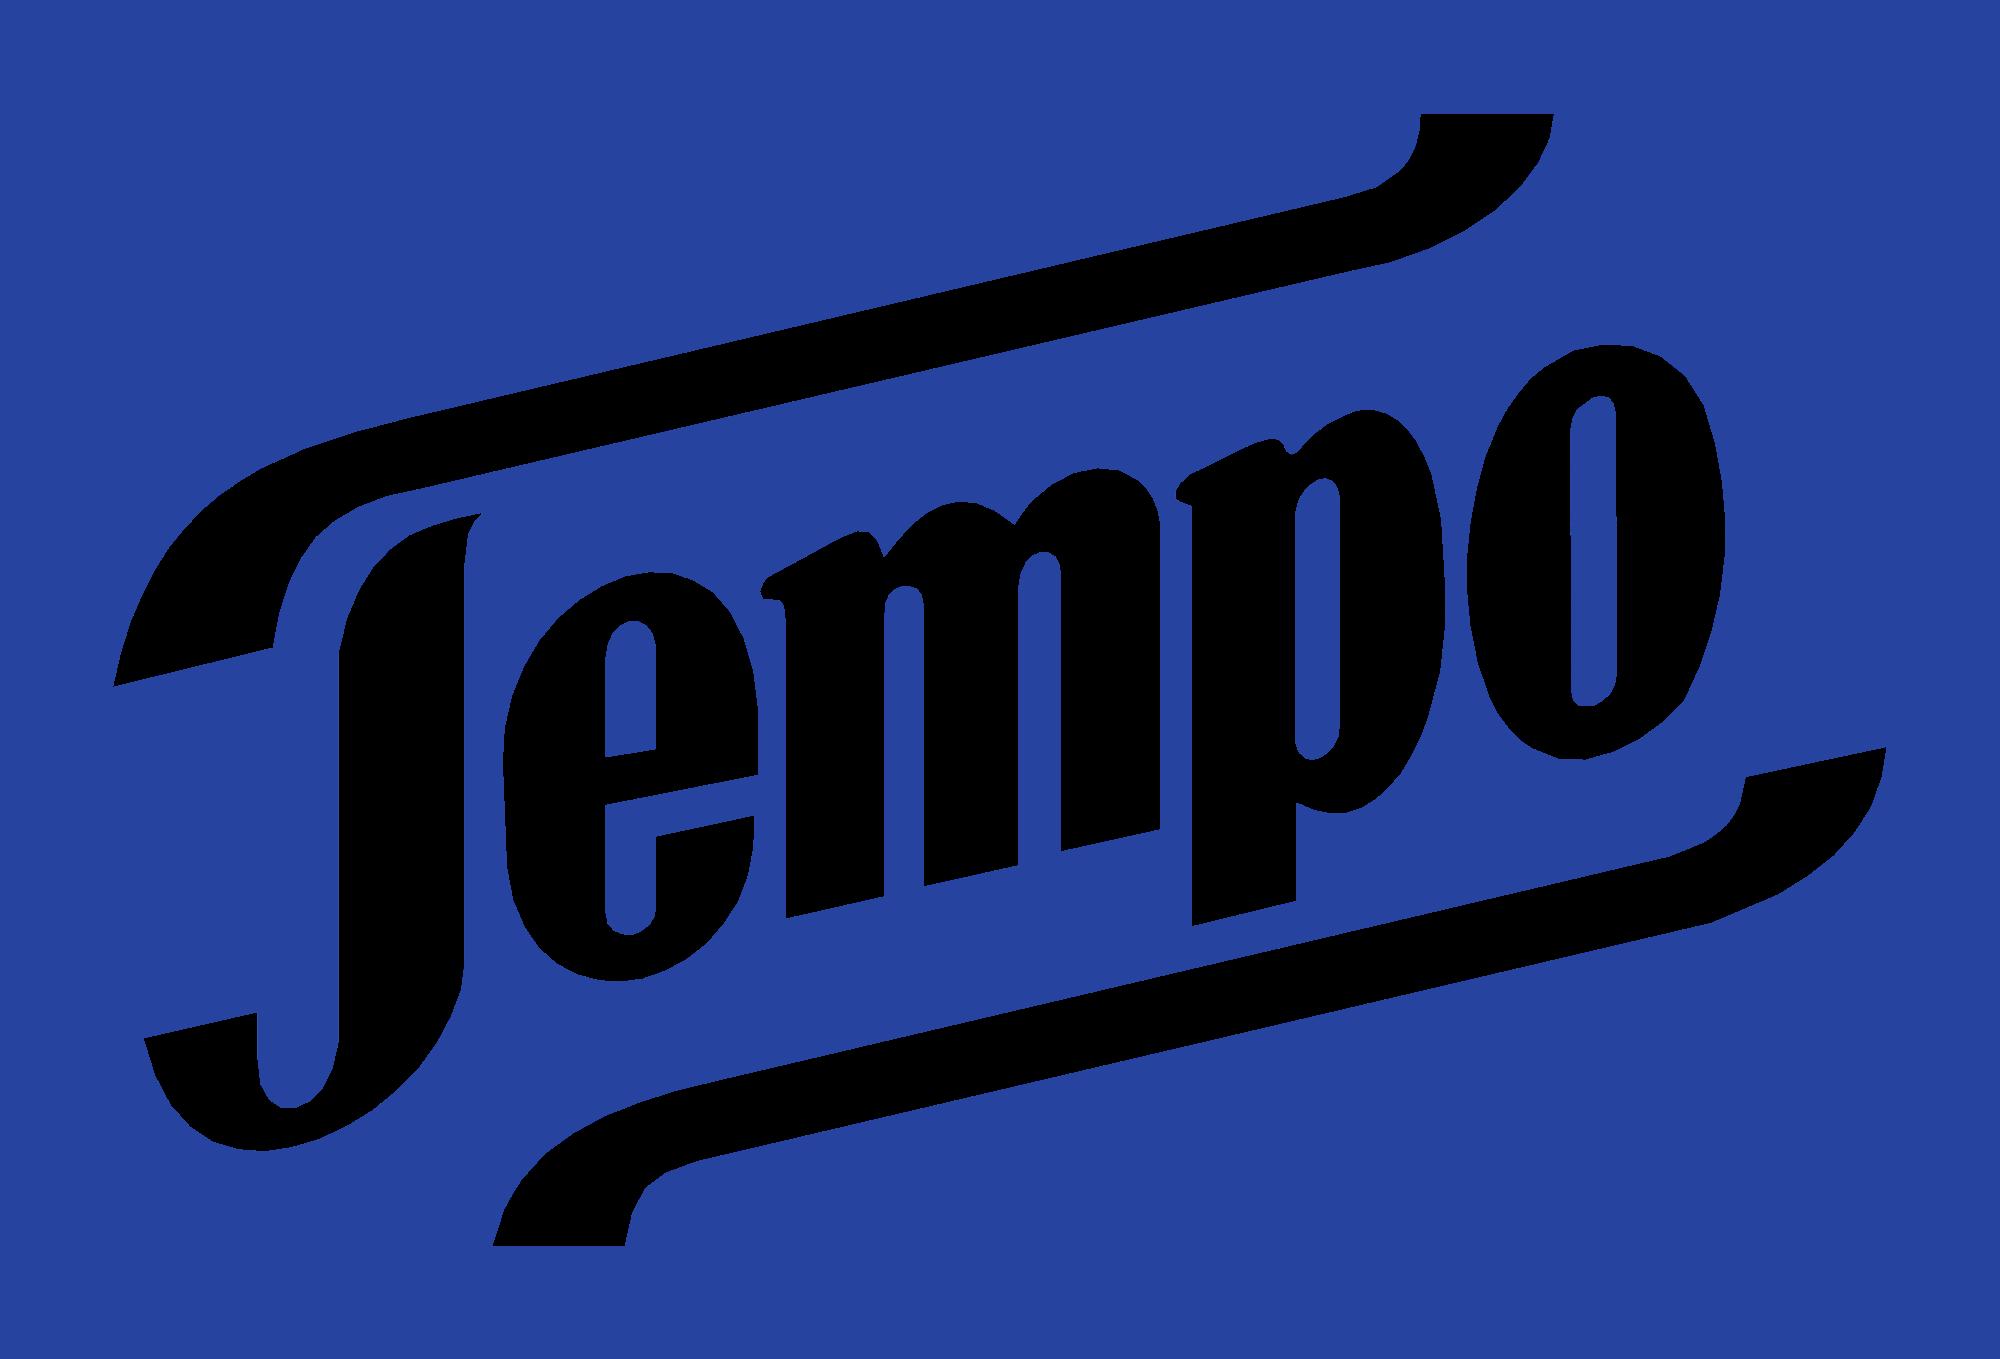 File:Tempo (Marke) logo.svg.